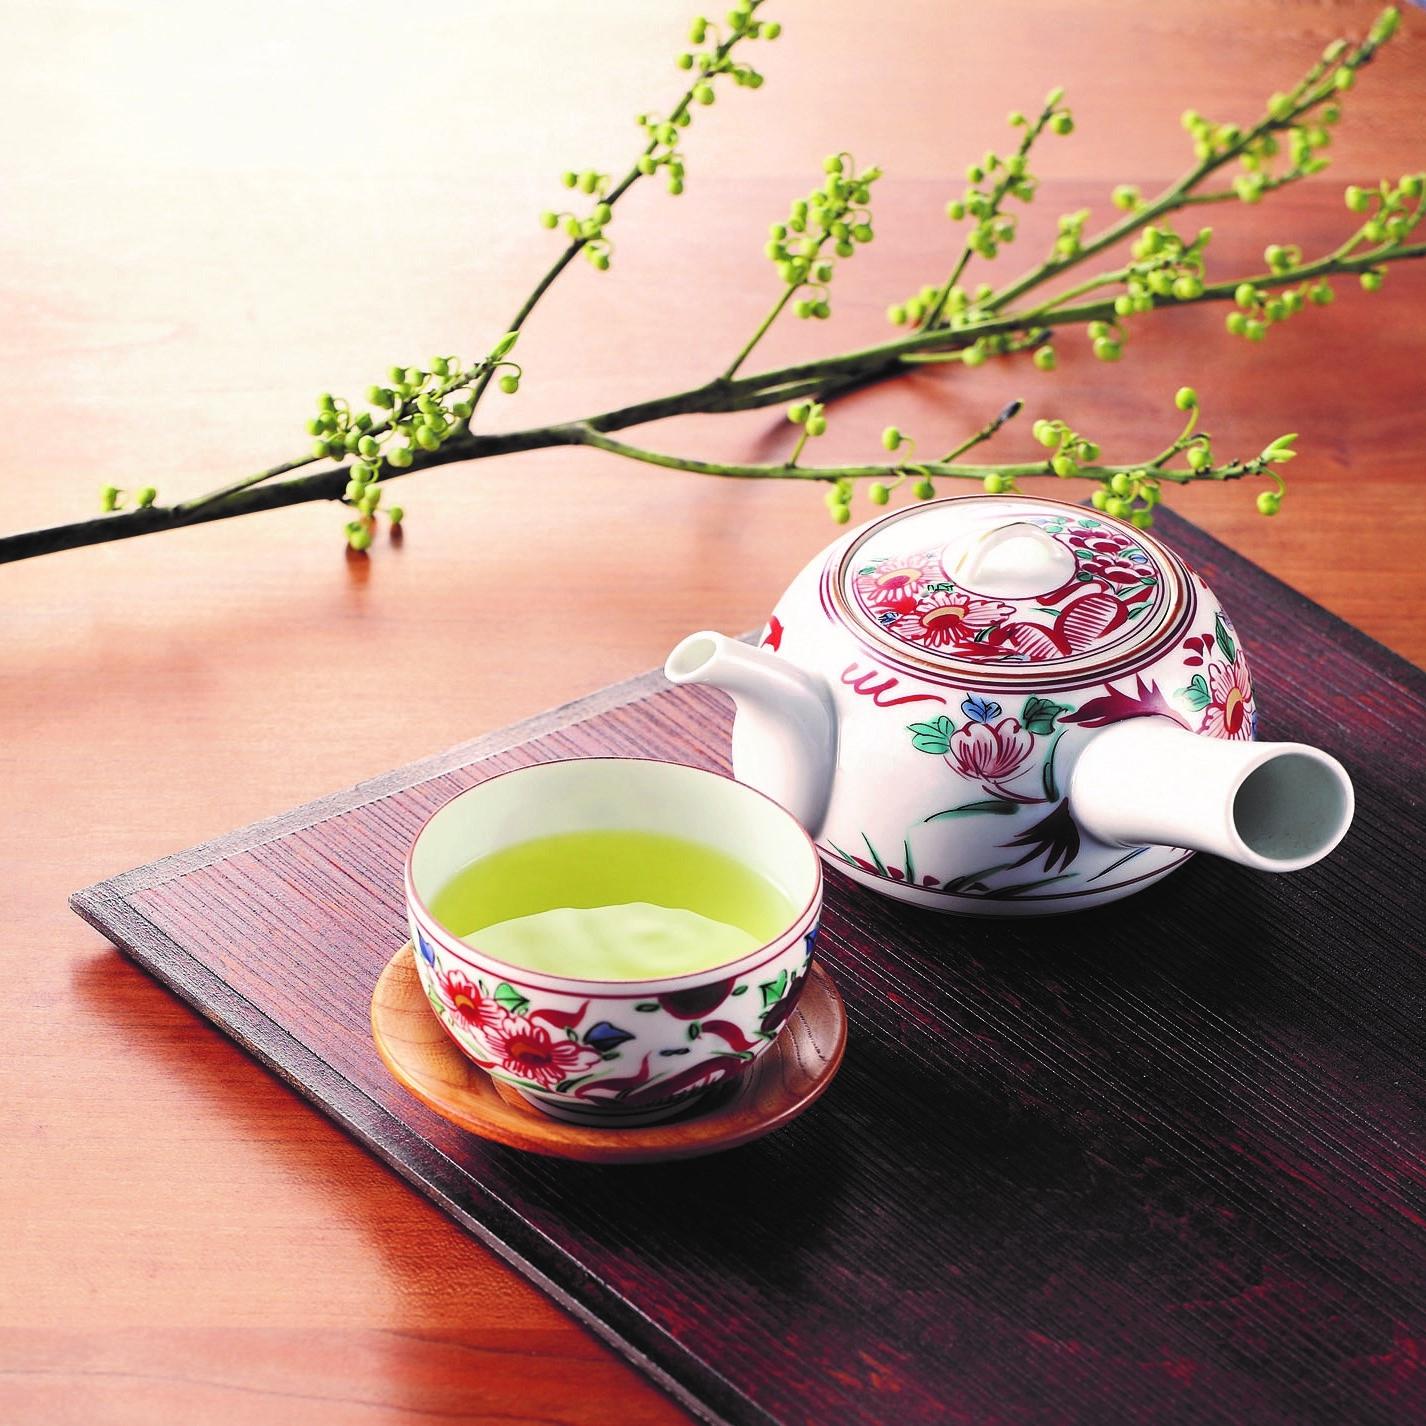 〈日本製茶〉静岡手摘み茶